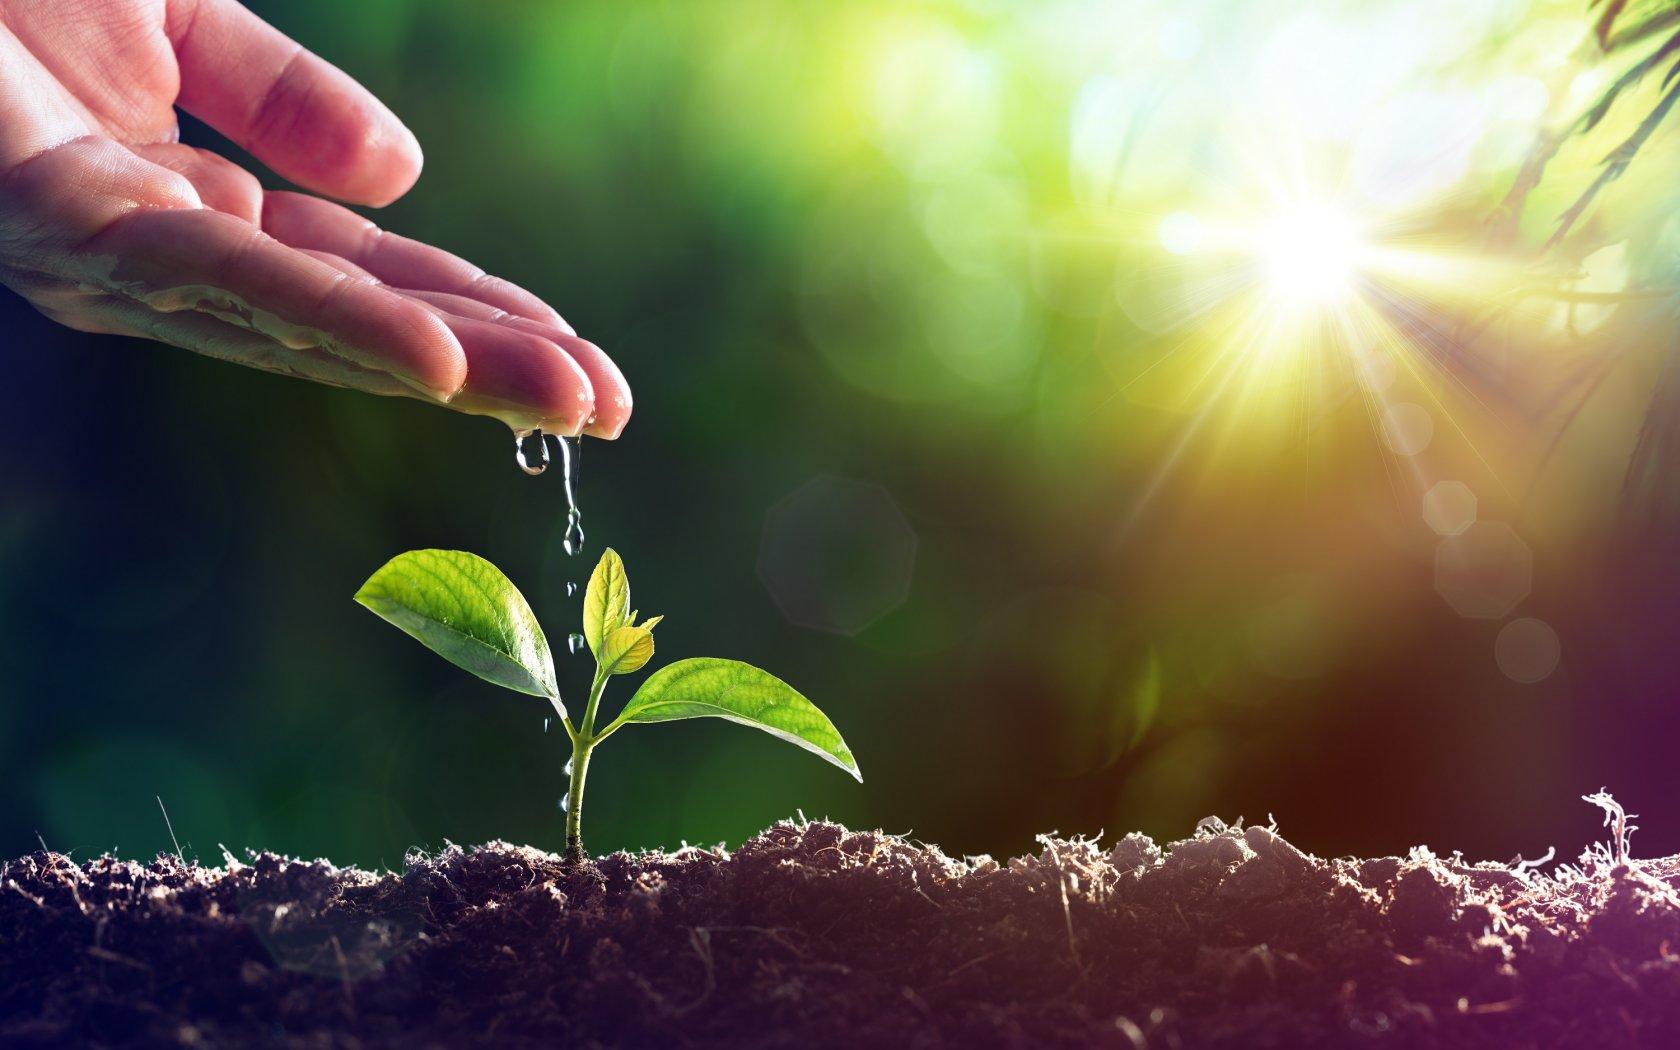 Sociale duurzaamheid, milieu en due diligence: The Greenery ondertekent opnieuw overeenkomst met IDH